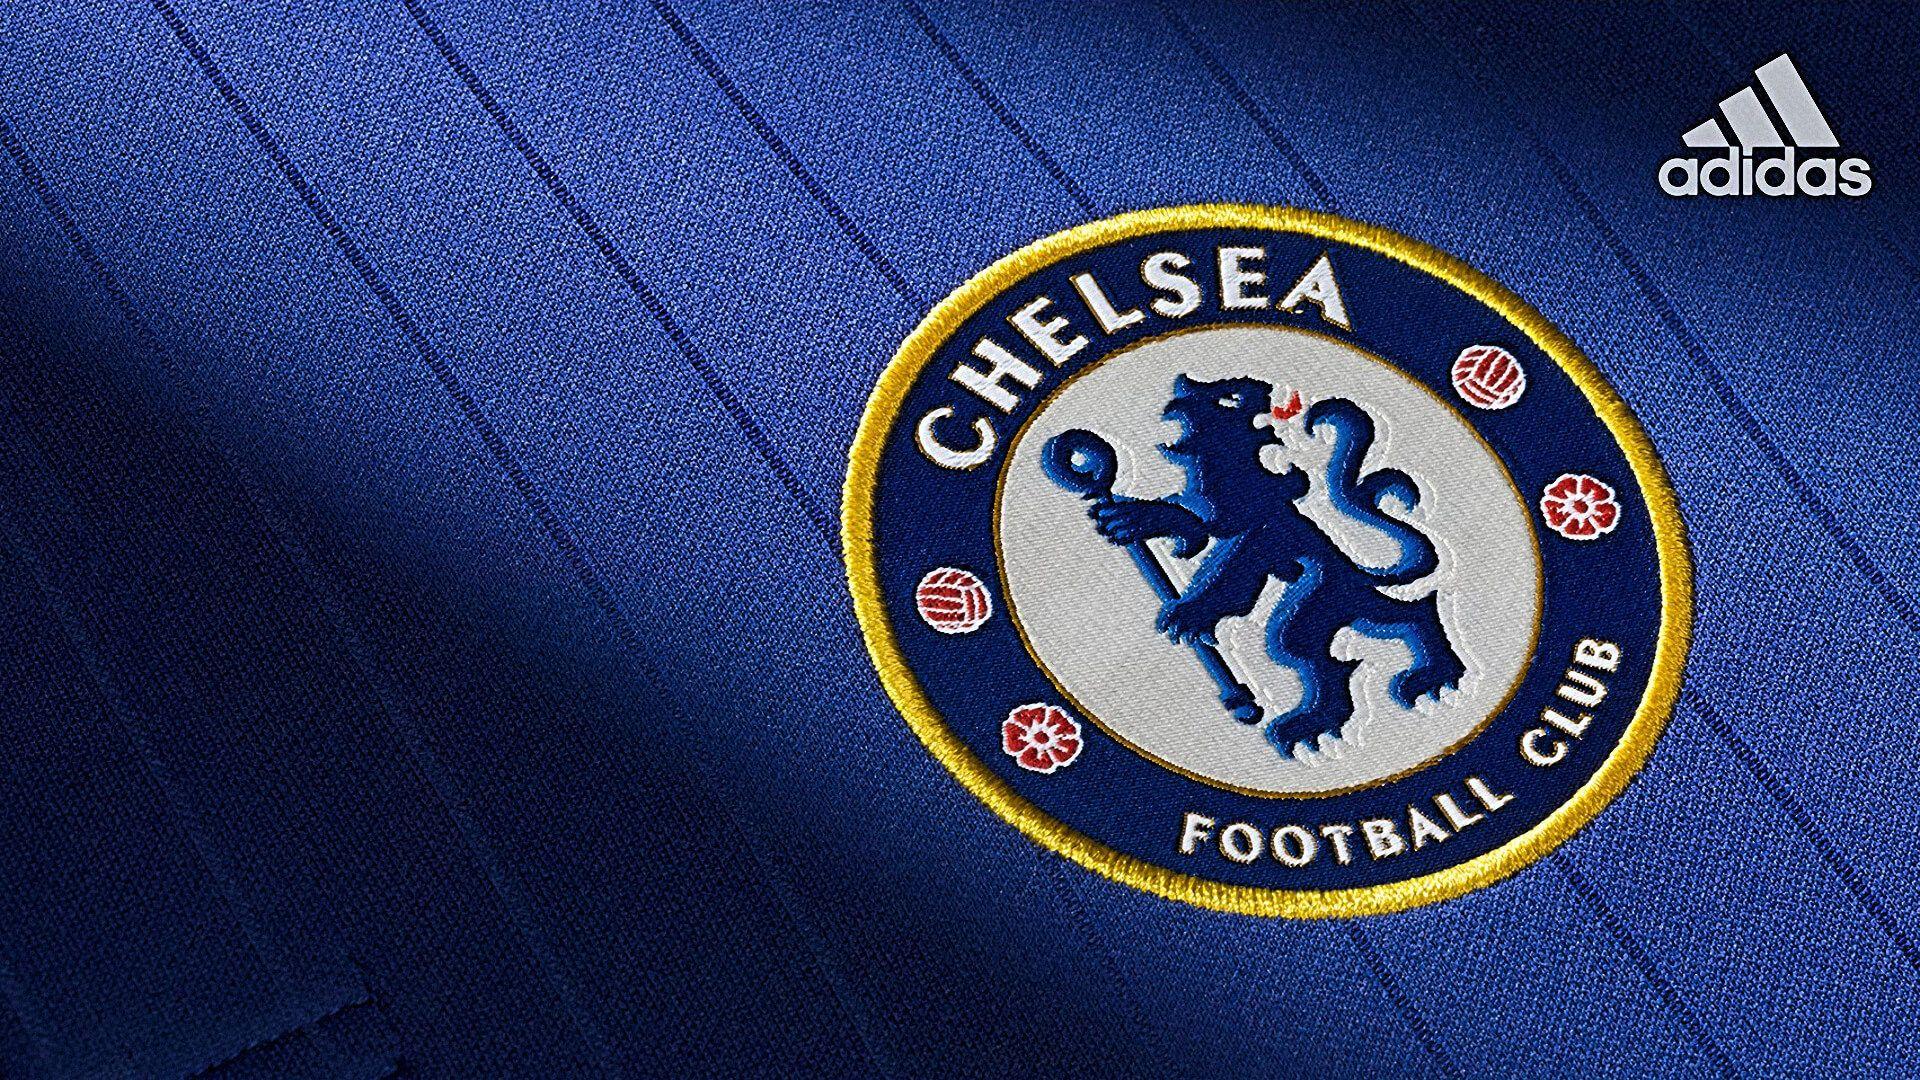 Chelsea Fc Wallpapers 40 Chelsea FC High Quality Pics LLGL 1920x1080